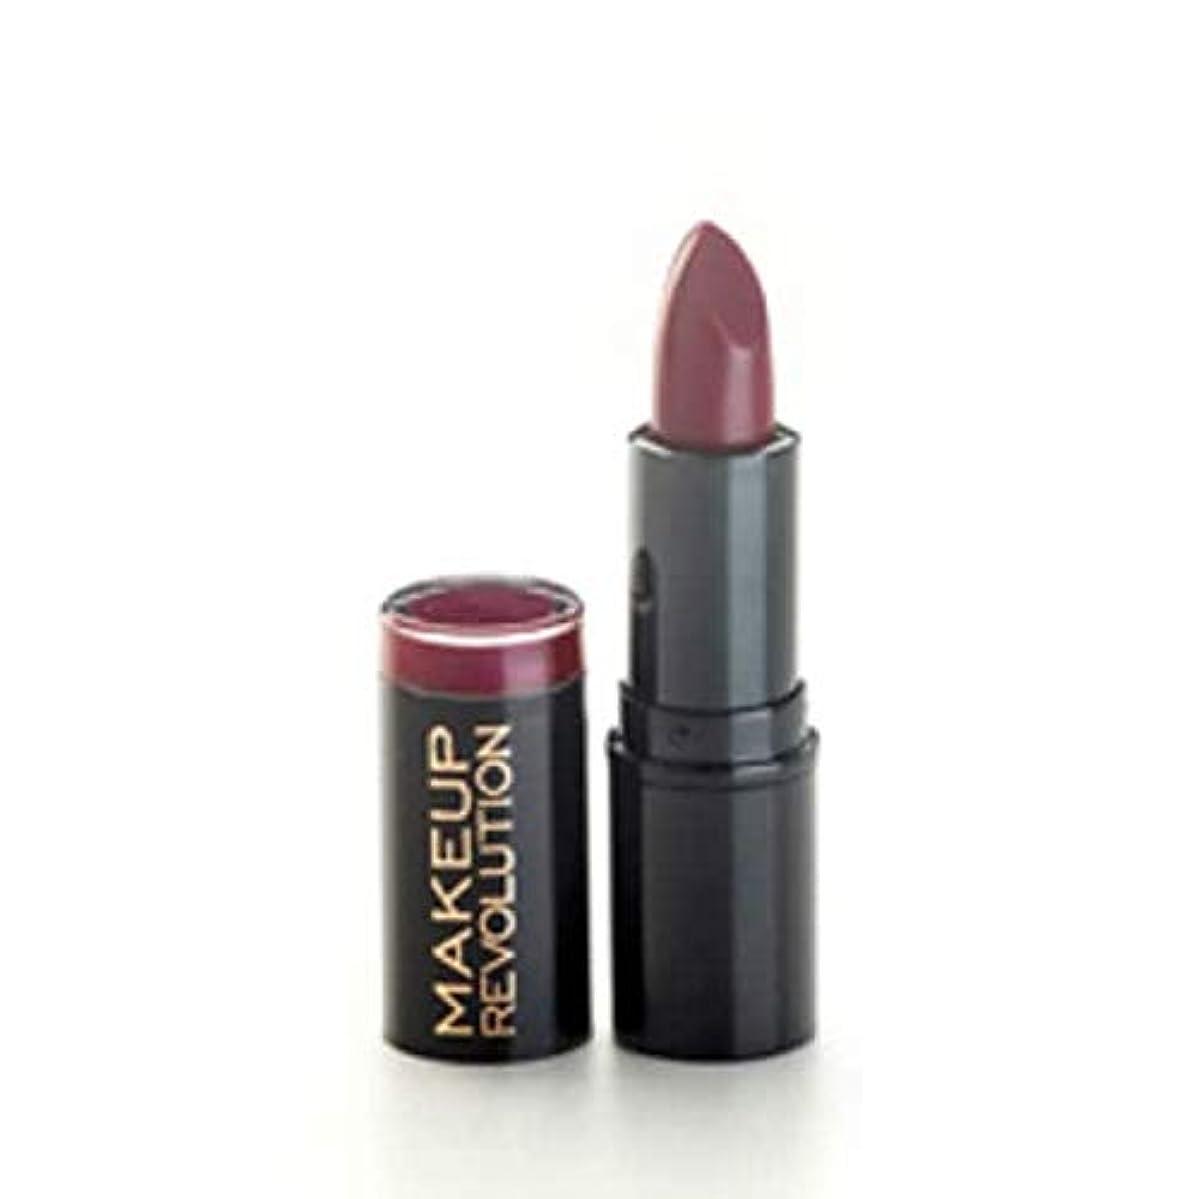 近代化専門用語悪質な[Revolution ] 原因と革命Vampコレクションの口紅の反乱 - Revolution Vamp Collection Lipstick Rebel with Cause [並行輸入品]